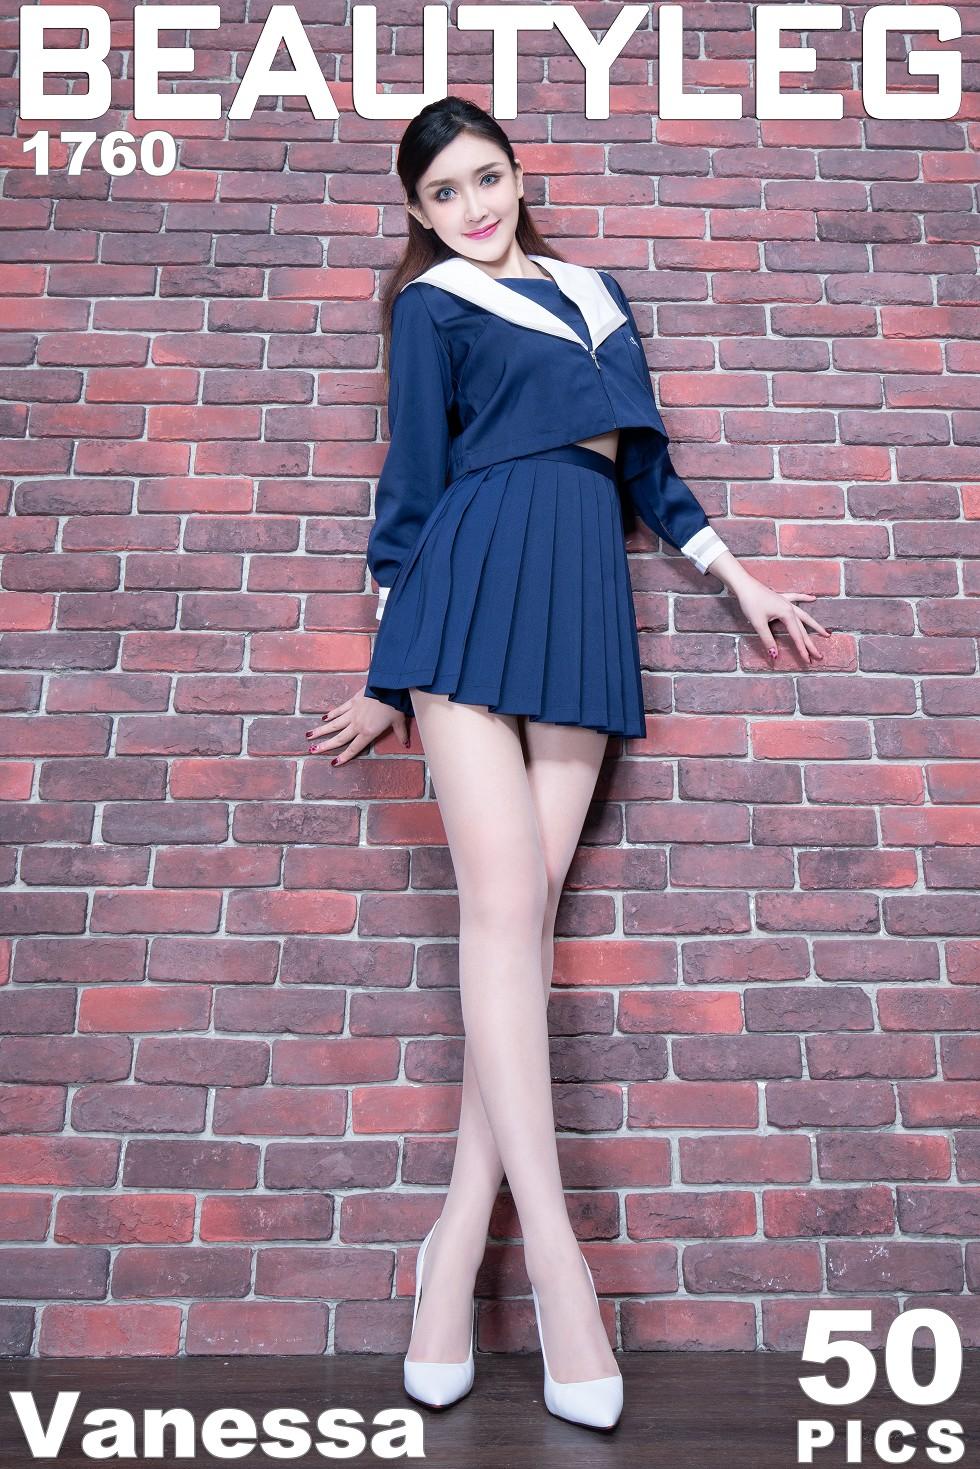 模特Vanessa妹子性感紫色内衣配吊带黑丝惹火诱惑无圣光写真50P